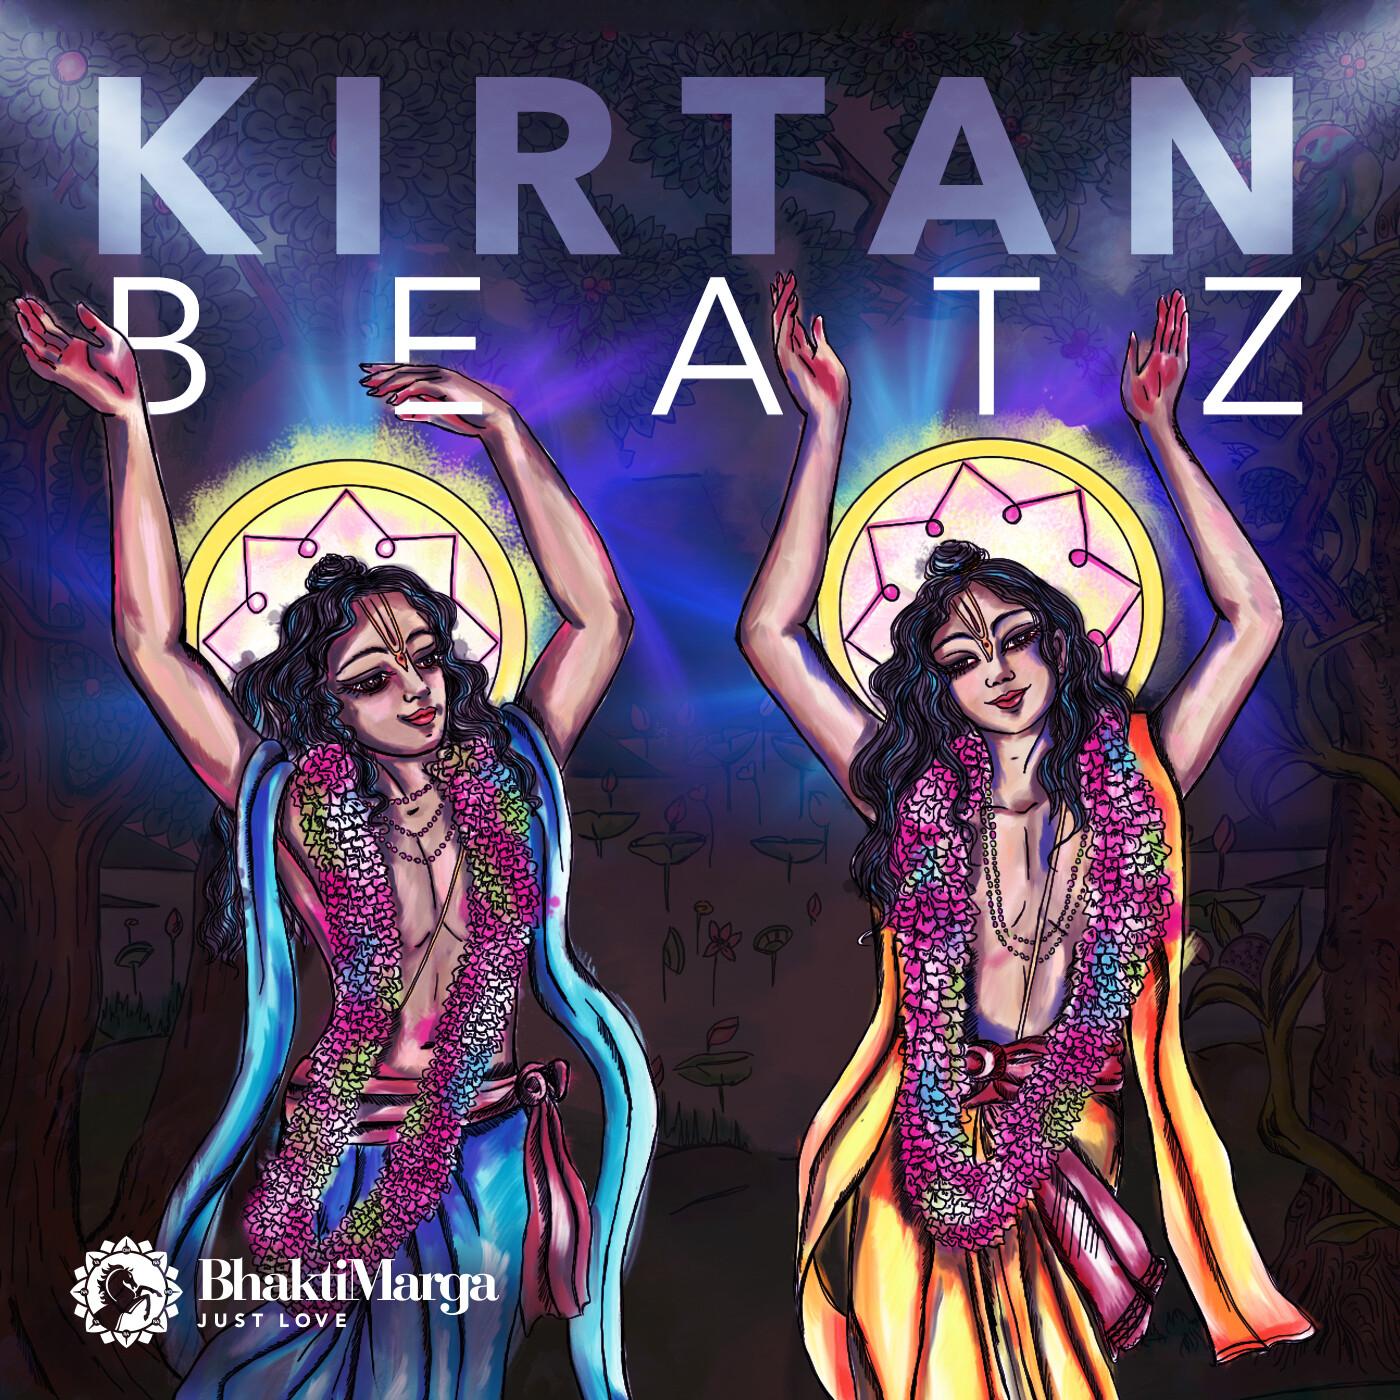 Kirtan Beatz